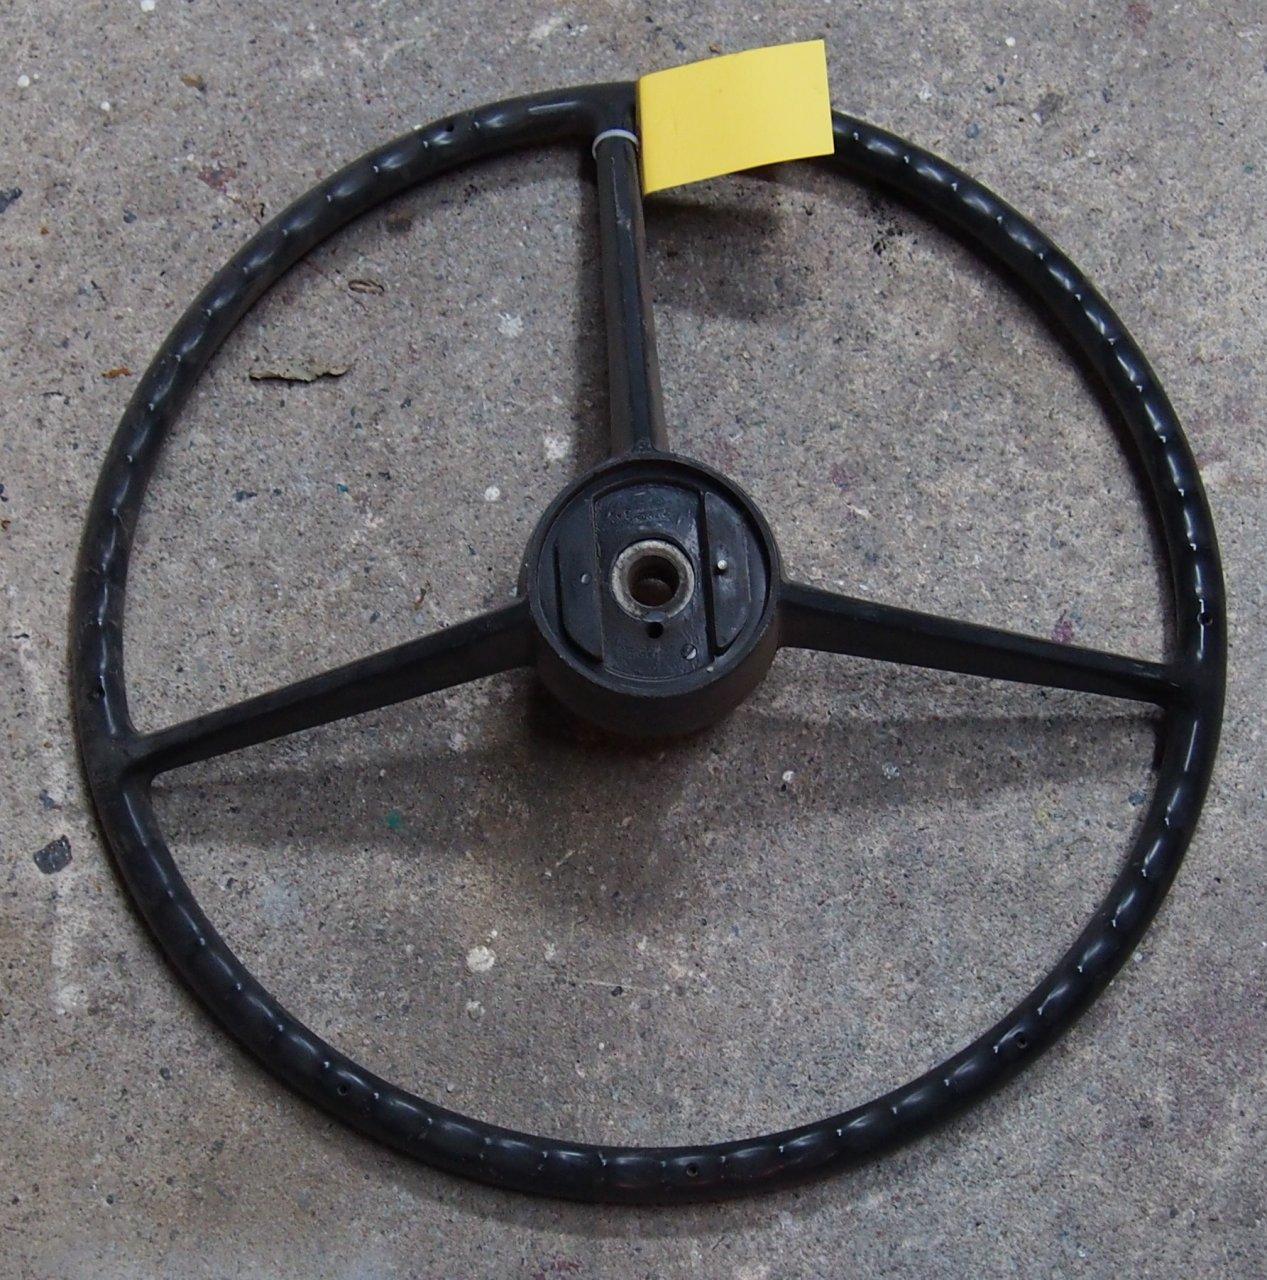 Wheel 2.jpg.JPG